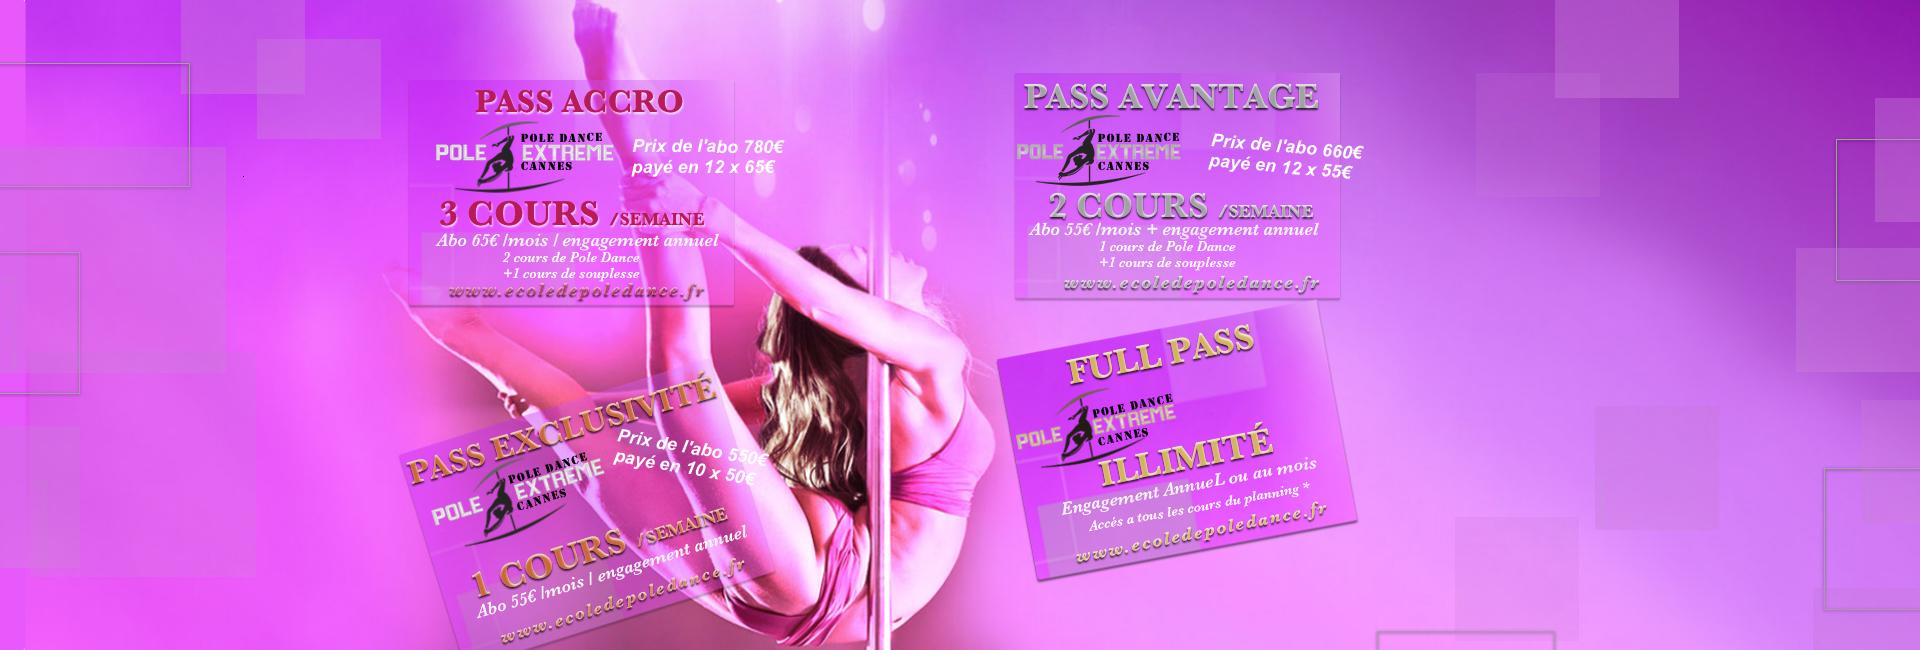 poledancecannes-planning20202021-cannes-sport-danse-contorsion-poledance-sport